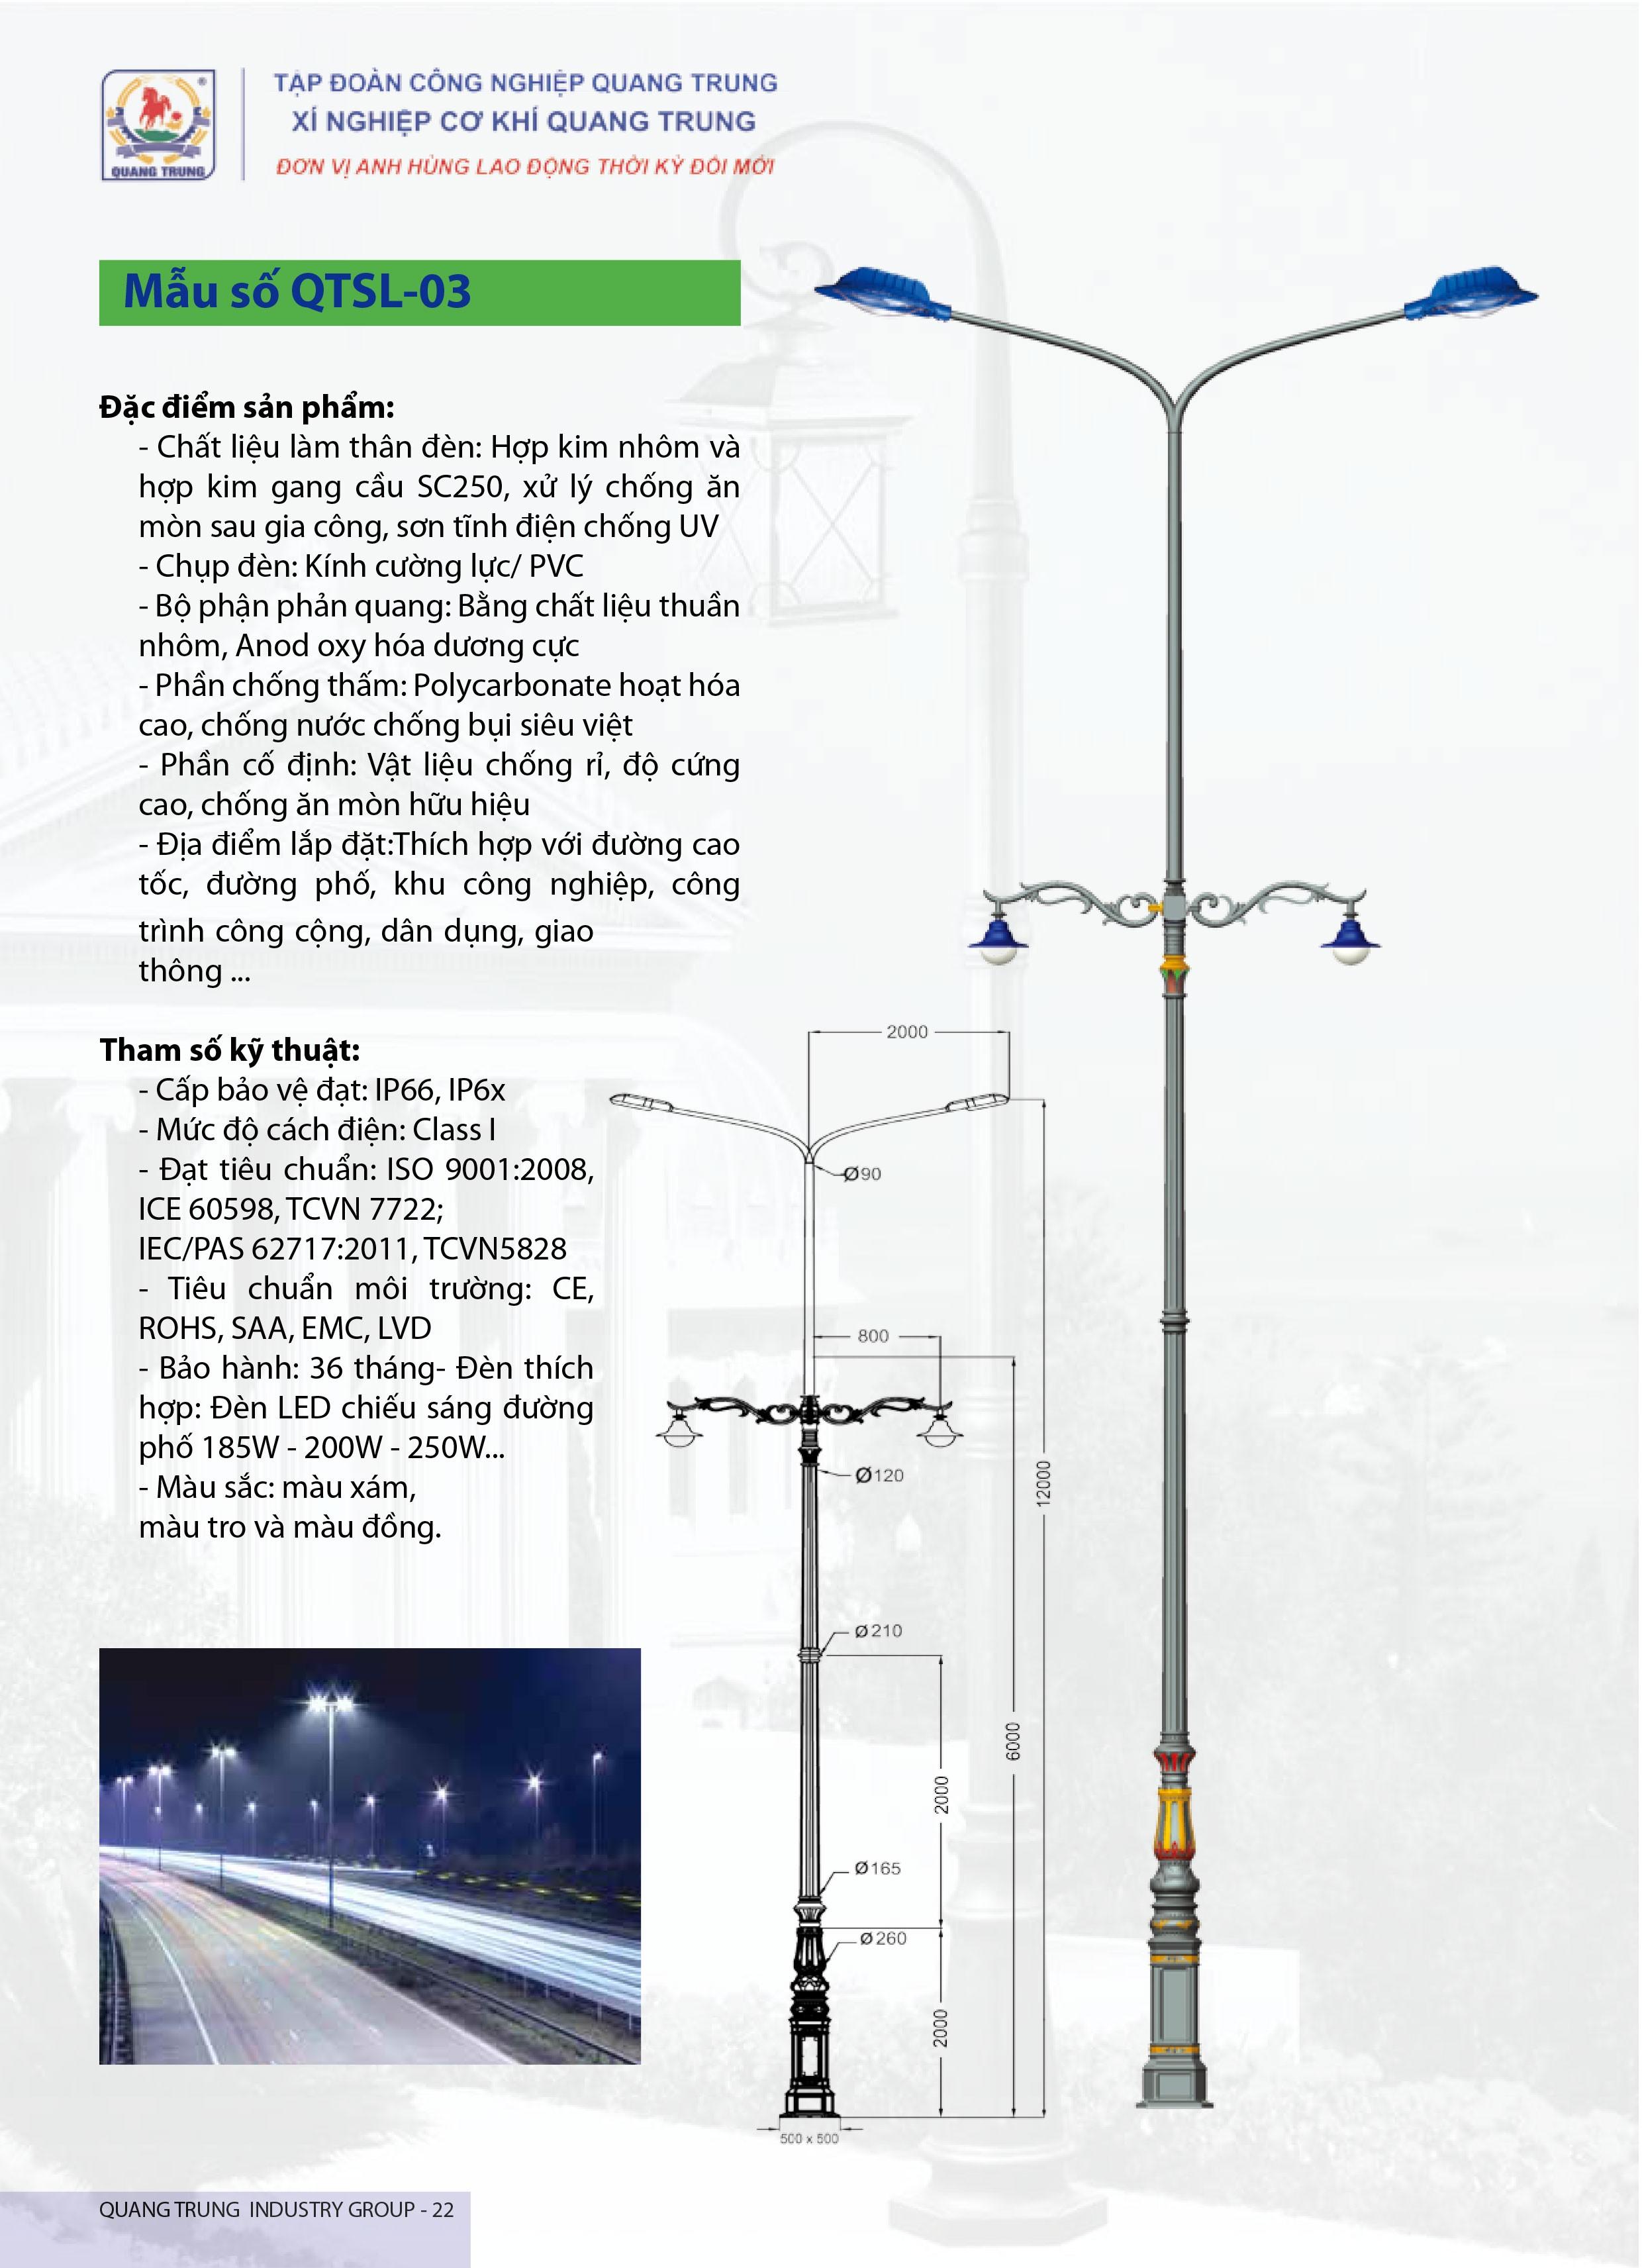 Cột đèn QTSL 03 - Đèn led chiếu sáng đường phố